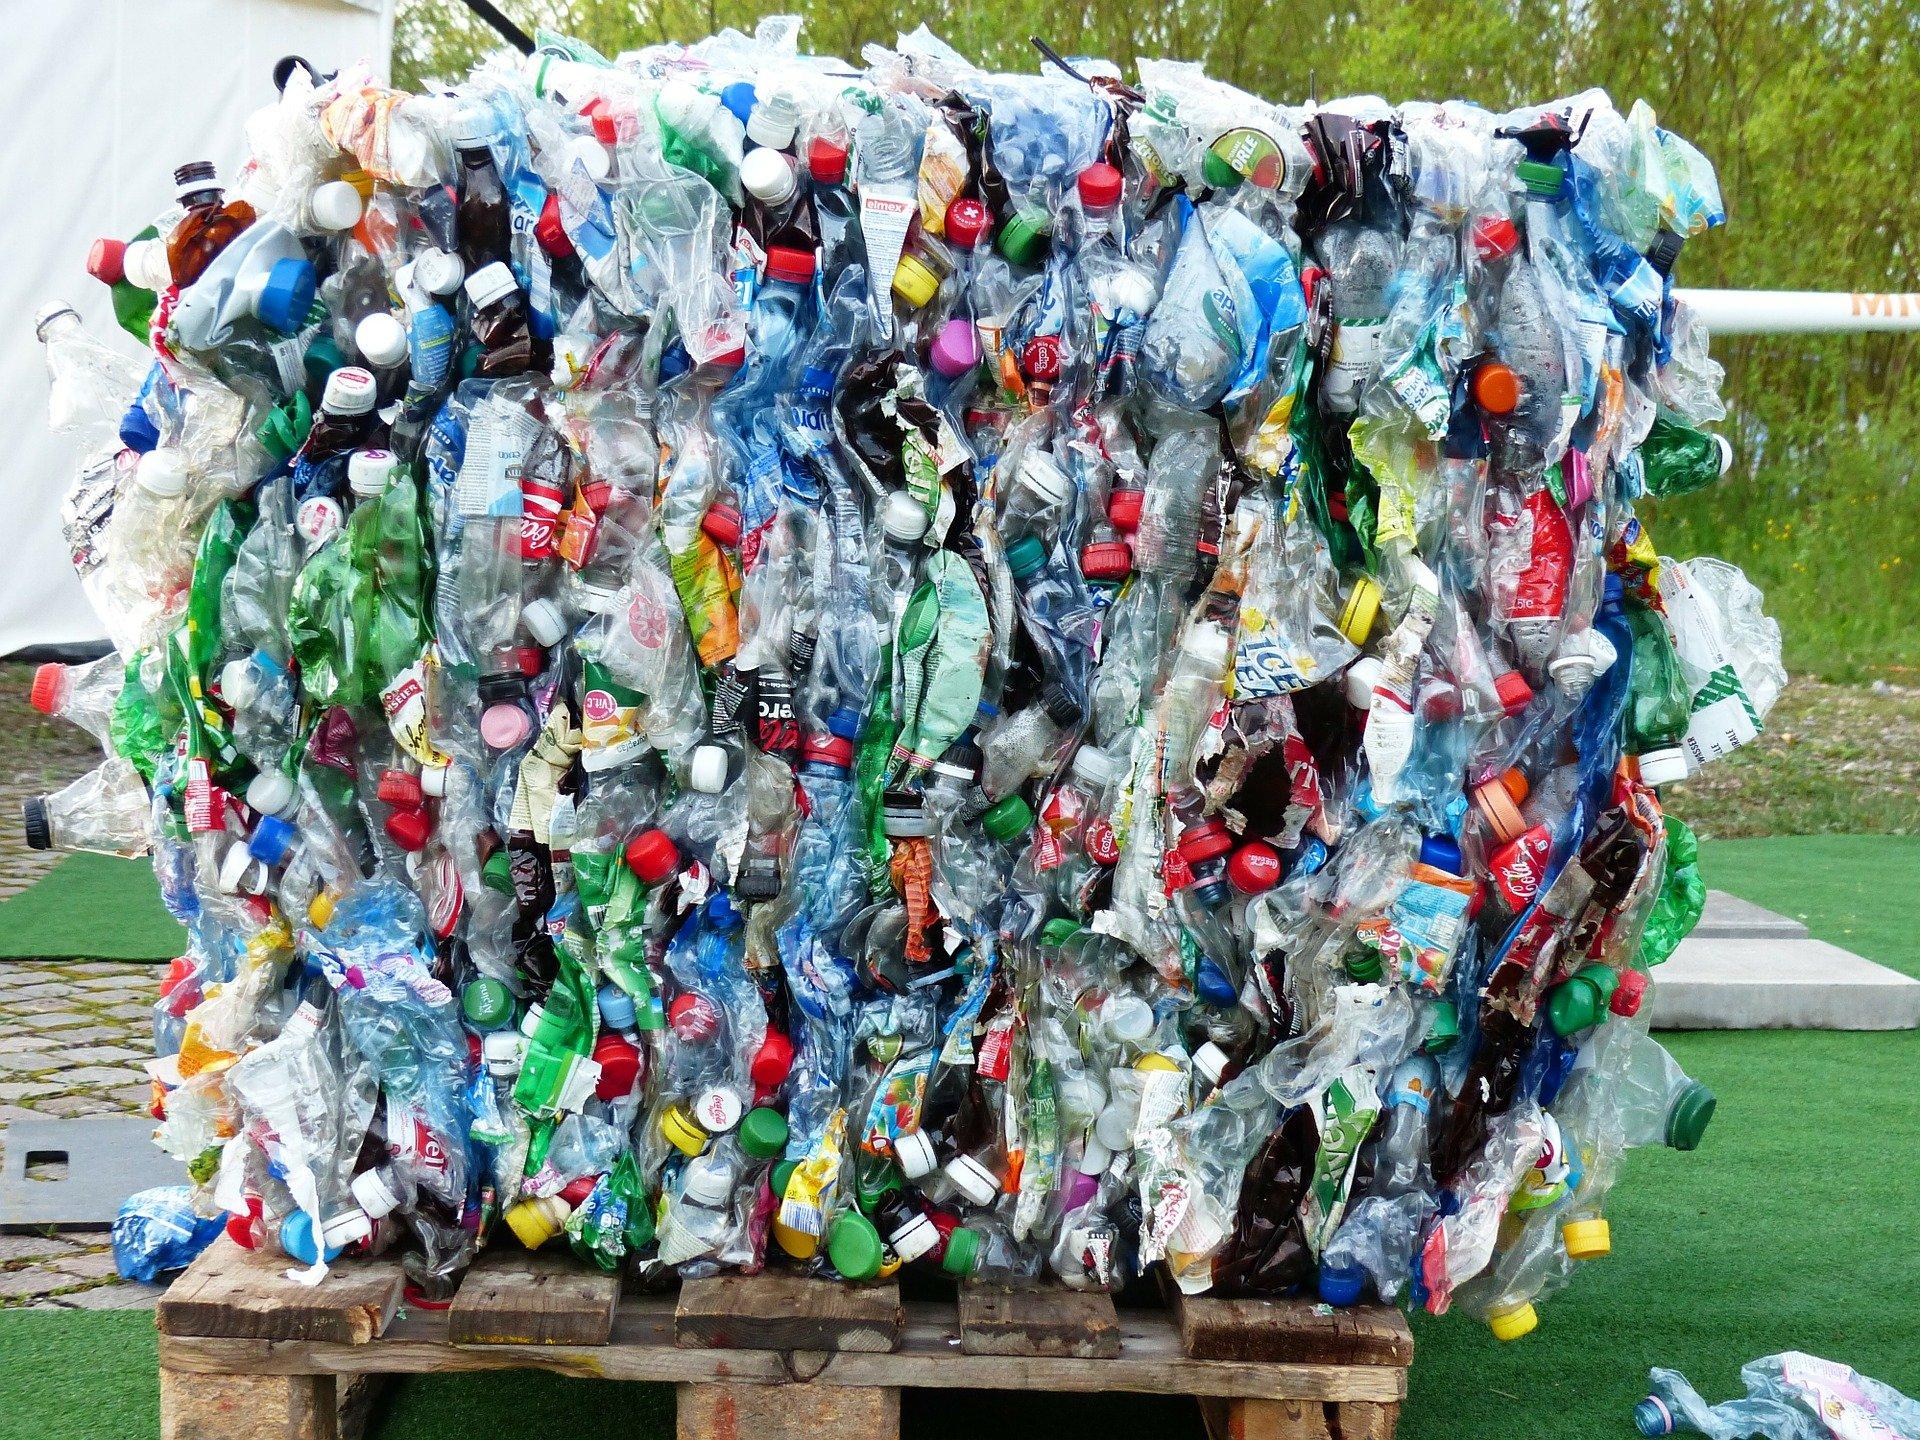 """Richtlinie zur Förderung von Projekten zum Thema """"KI-Anwendungshub Kunststoffverpackungen – nachhaltige Kreislaufwirtschaft durch Künstliche Intelligenz"""" im Rahmen der KI-Strategie der Bundesregierung und der Strategie """"Forschung für Nachhaltigkeit (FONA)"""""""